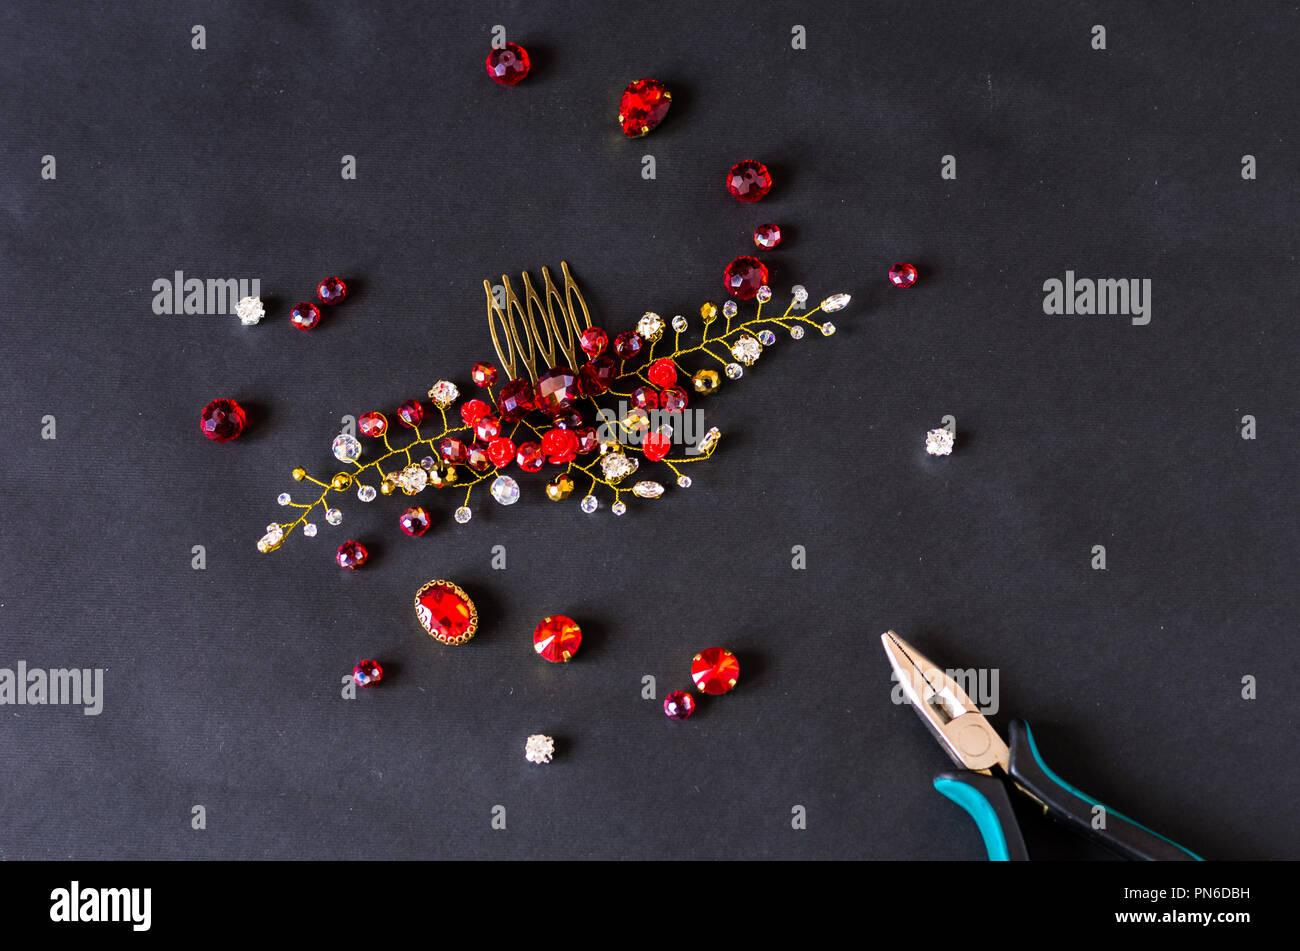 ad027fd2b75d Fabricación de adornos femeninos. Joyería artesanal para mujeres. Parte  superior.